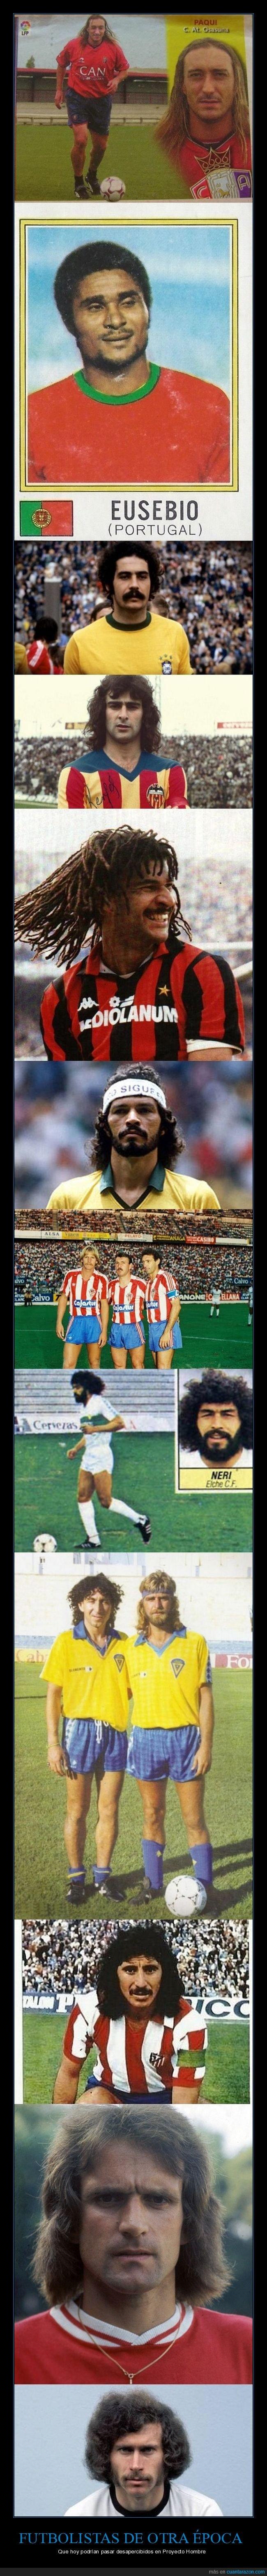 futbolistas,proyecto hombre,retro